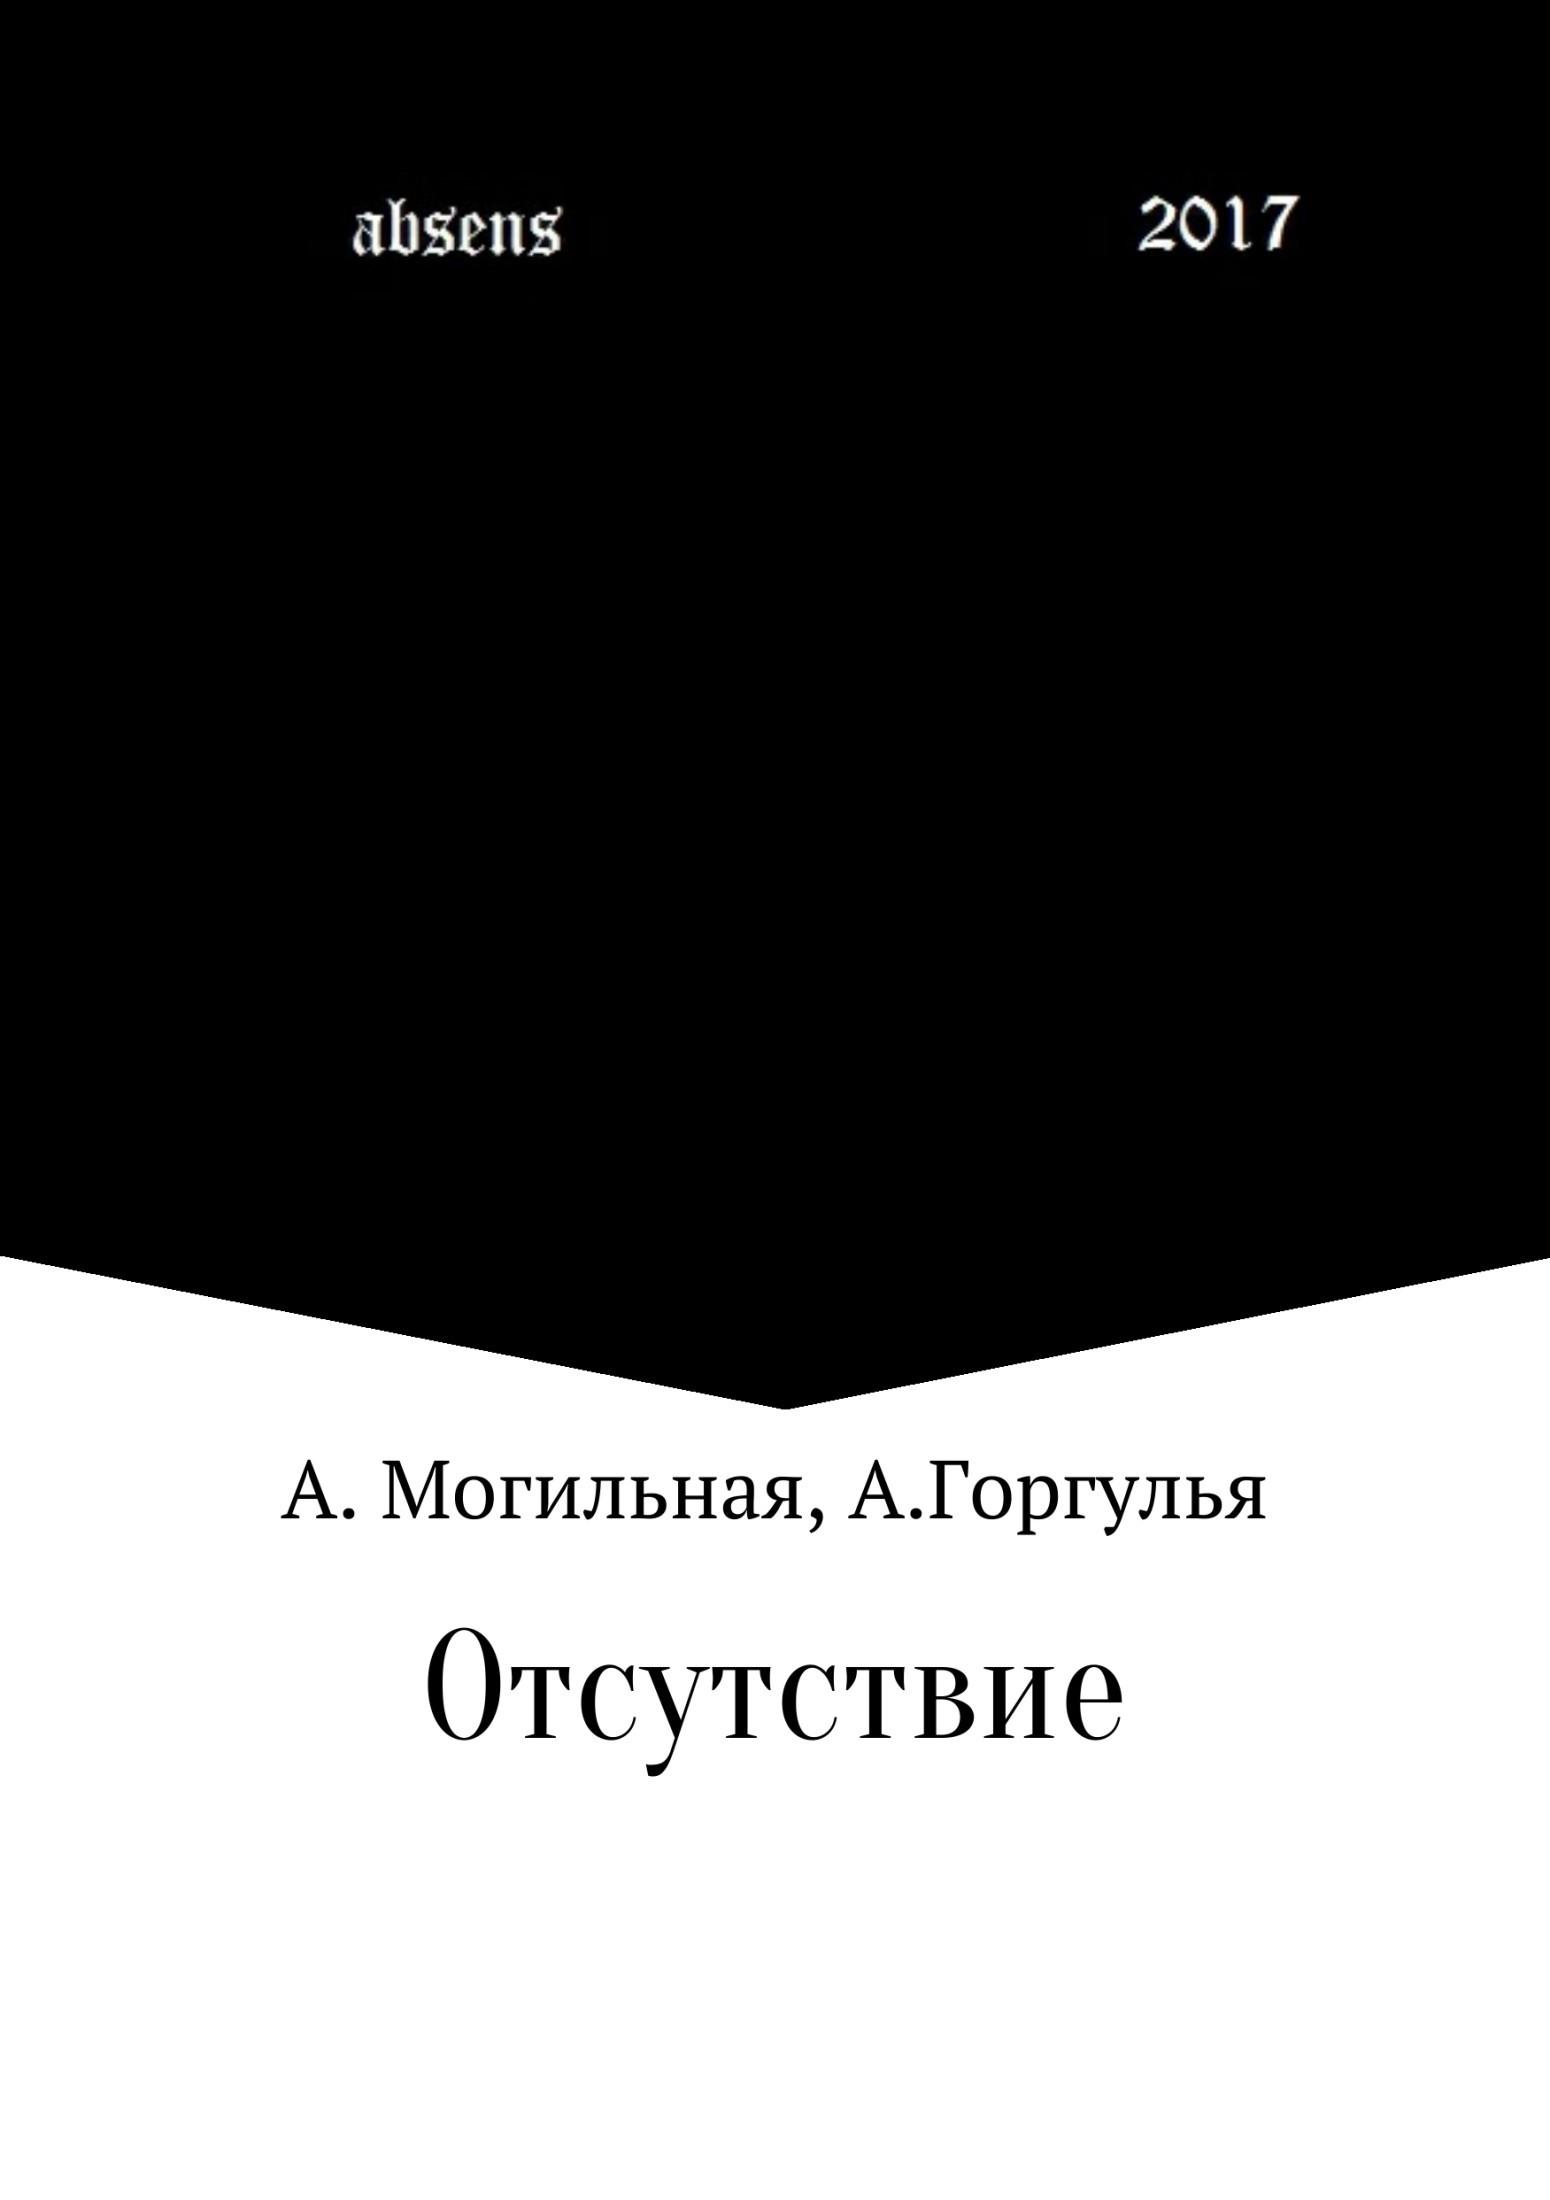 Альфреда Могильная бесплатно